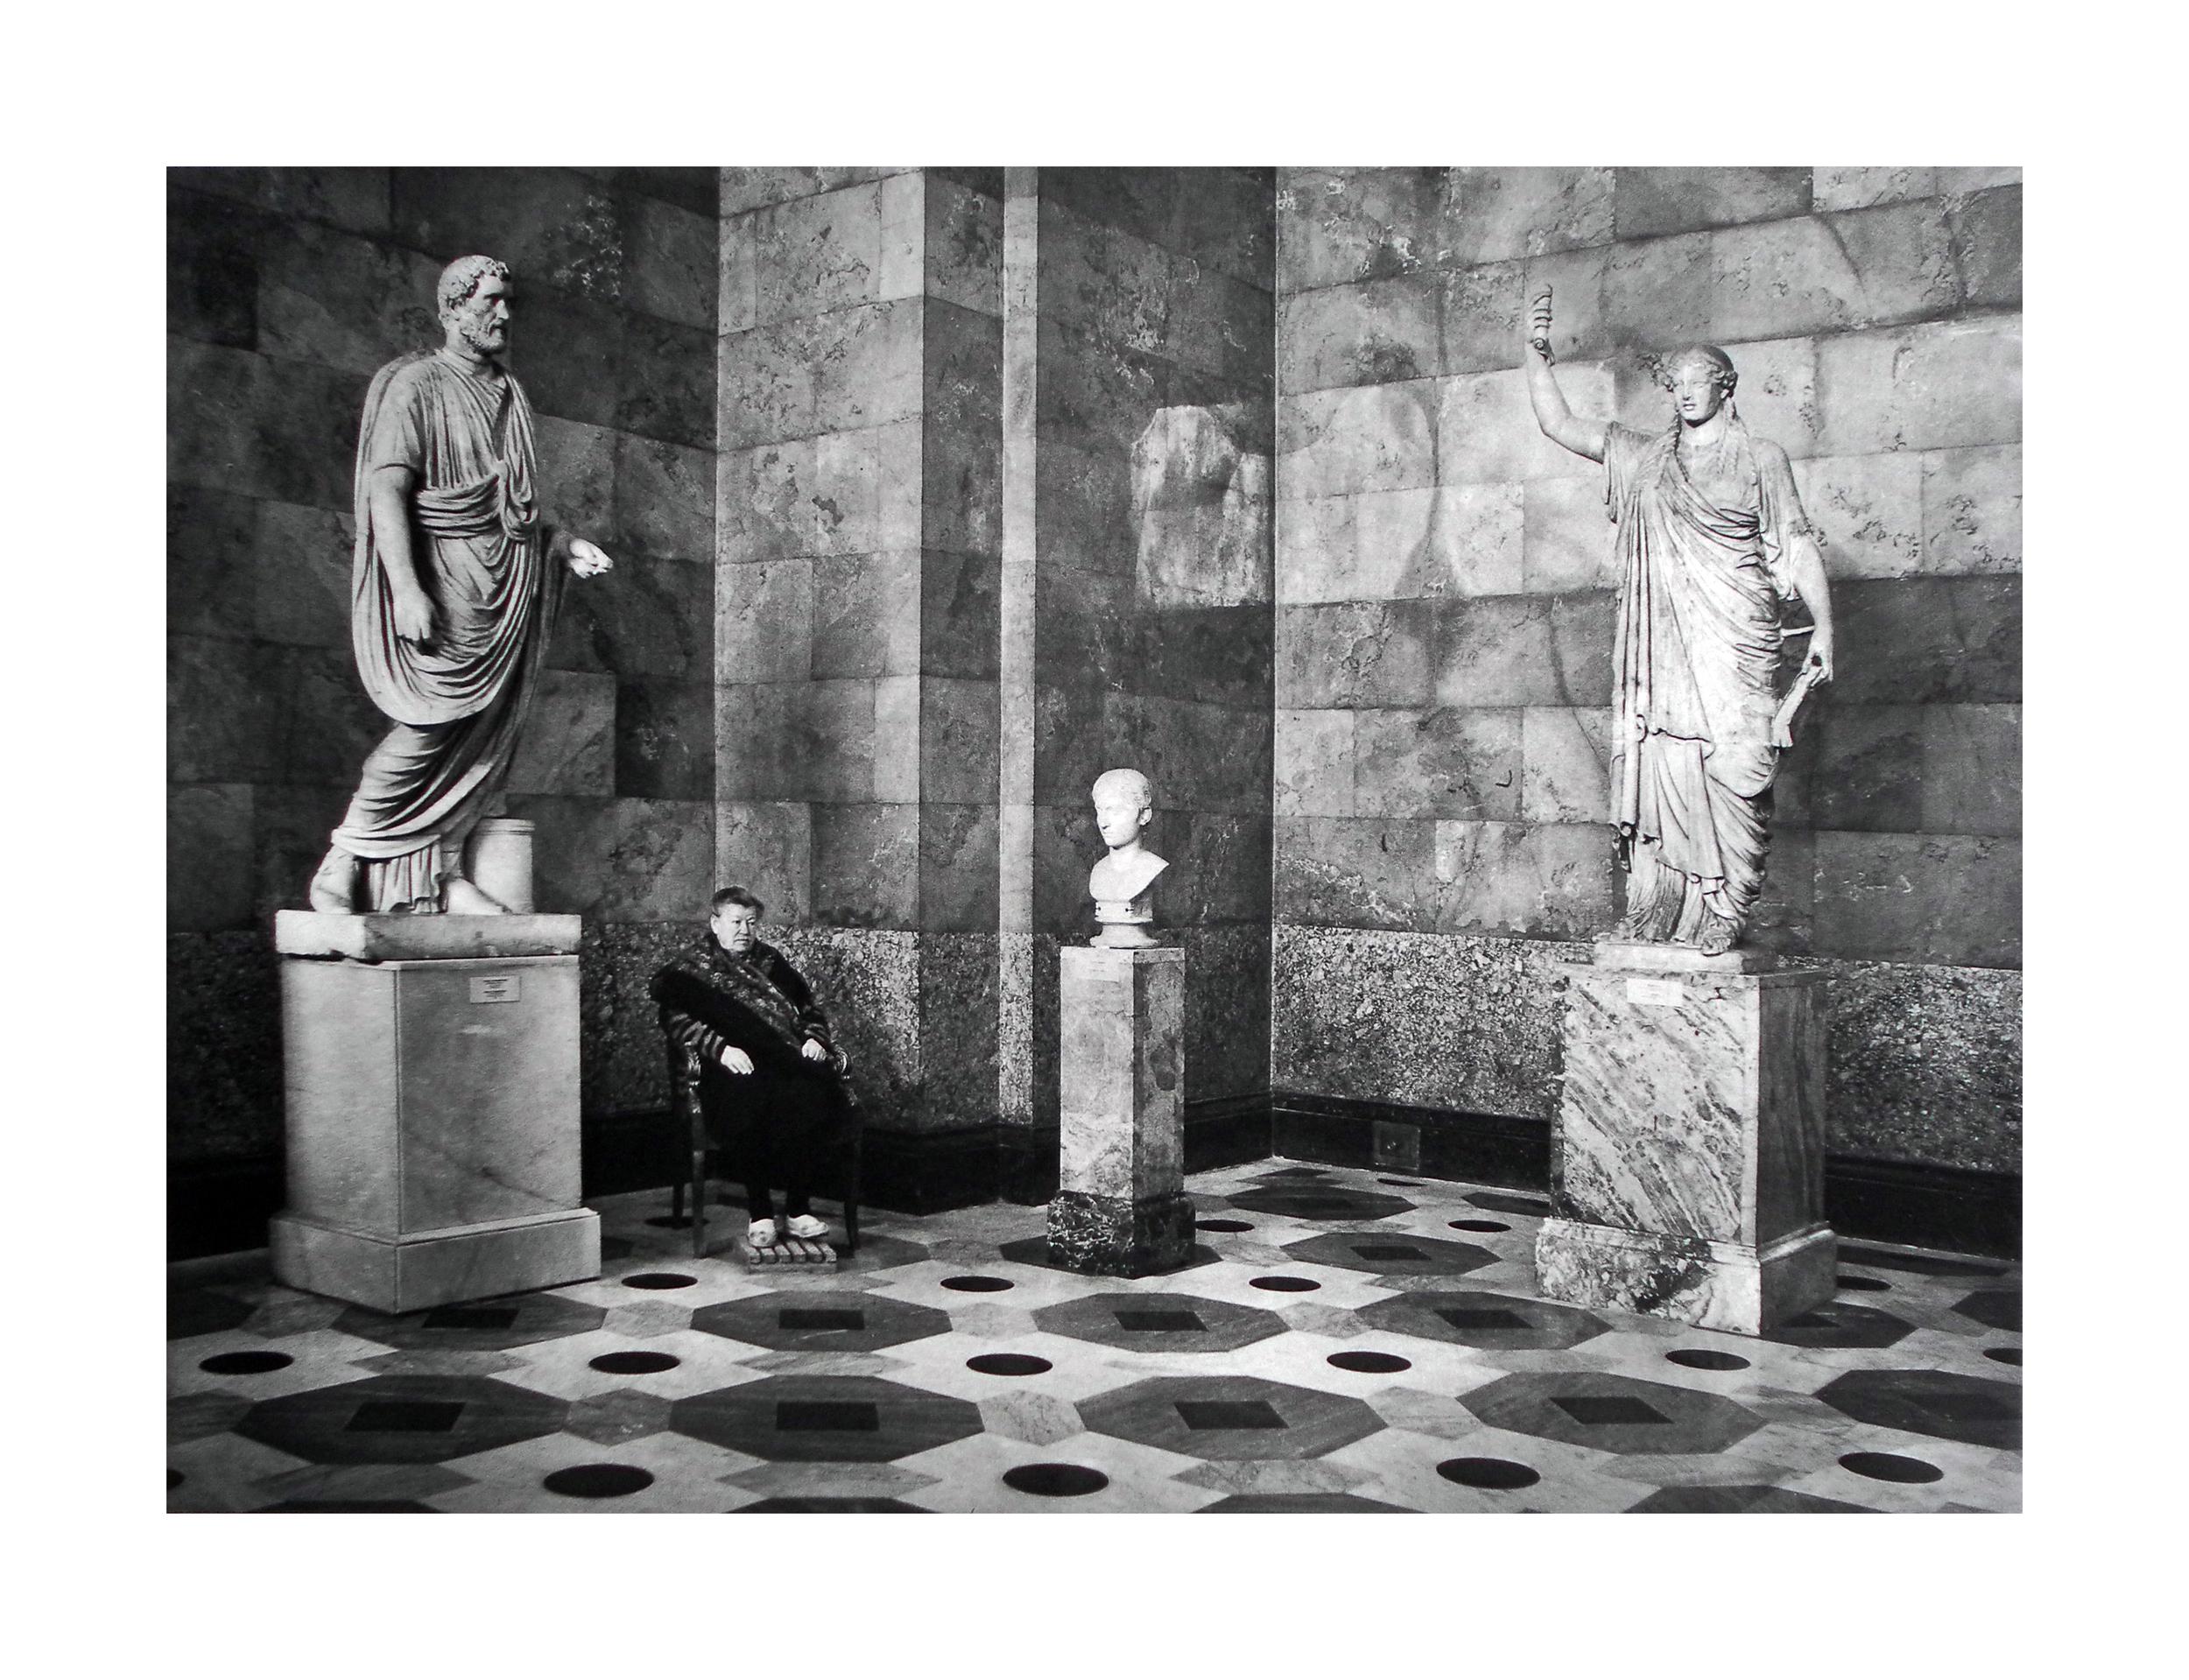 Antonius Pius, Youth and Caryatid - Hermitage Museum